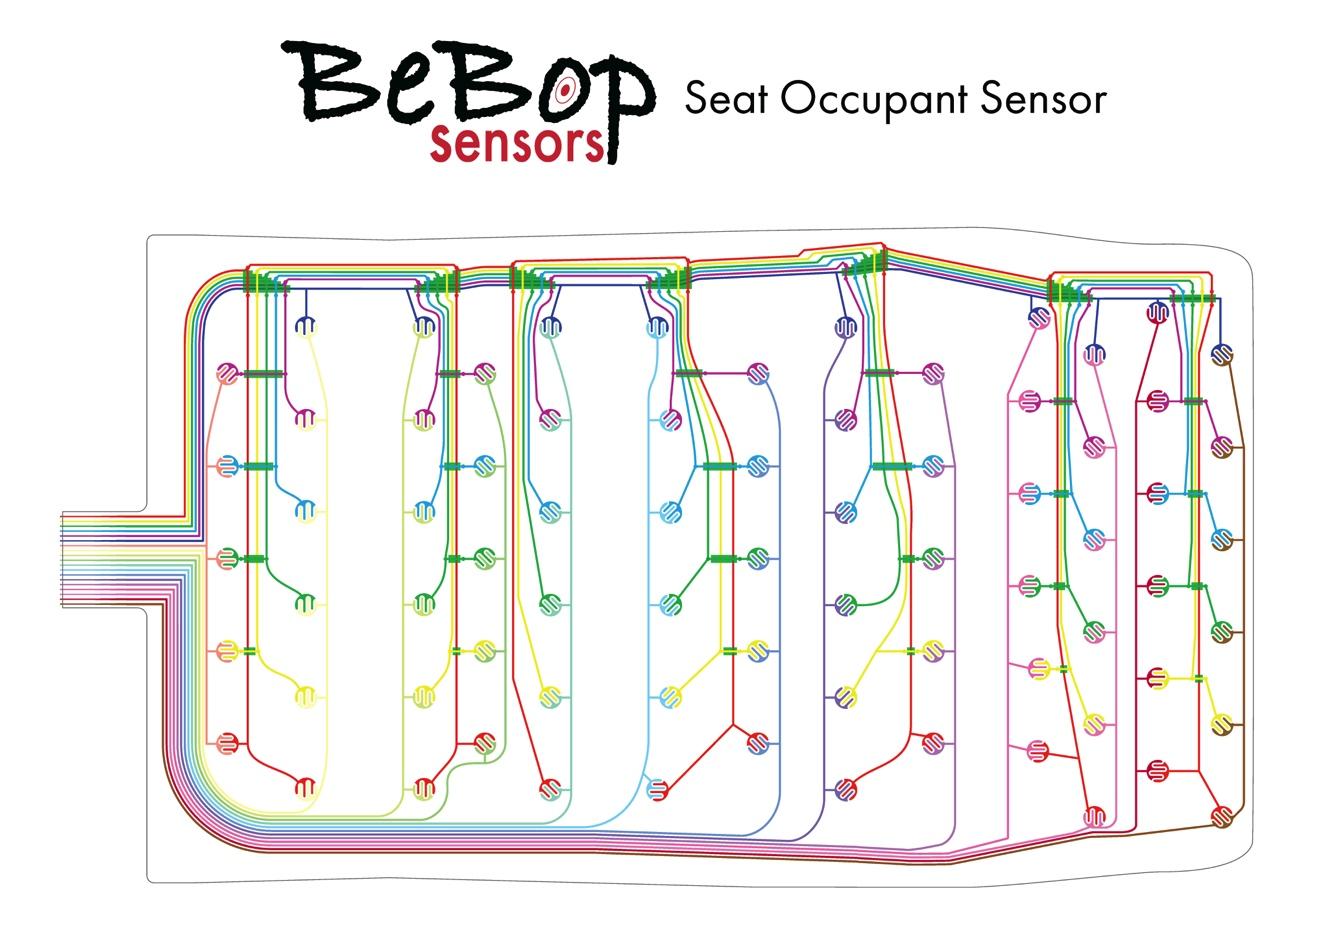 BeBop Sensors Seat Occupant Sensor